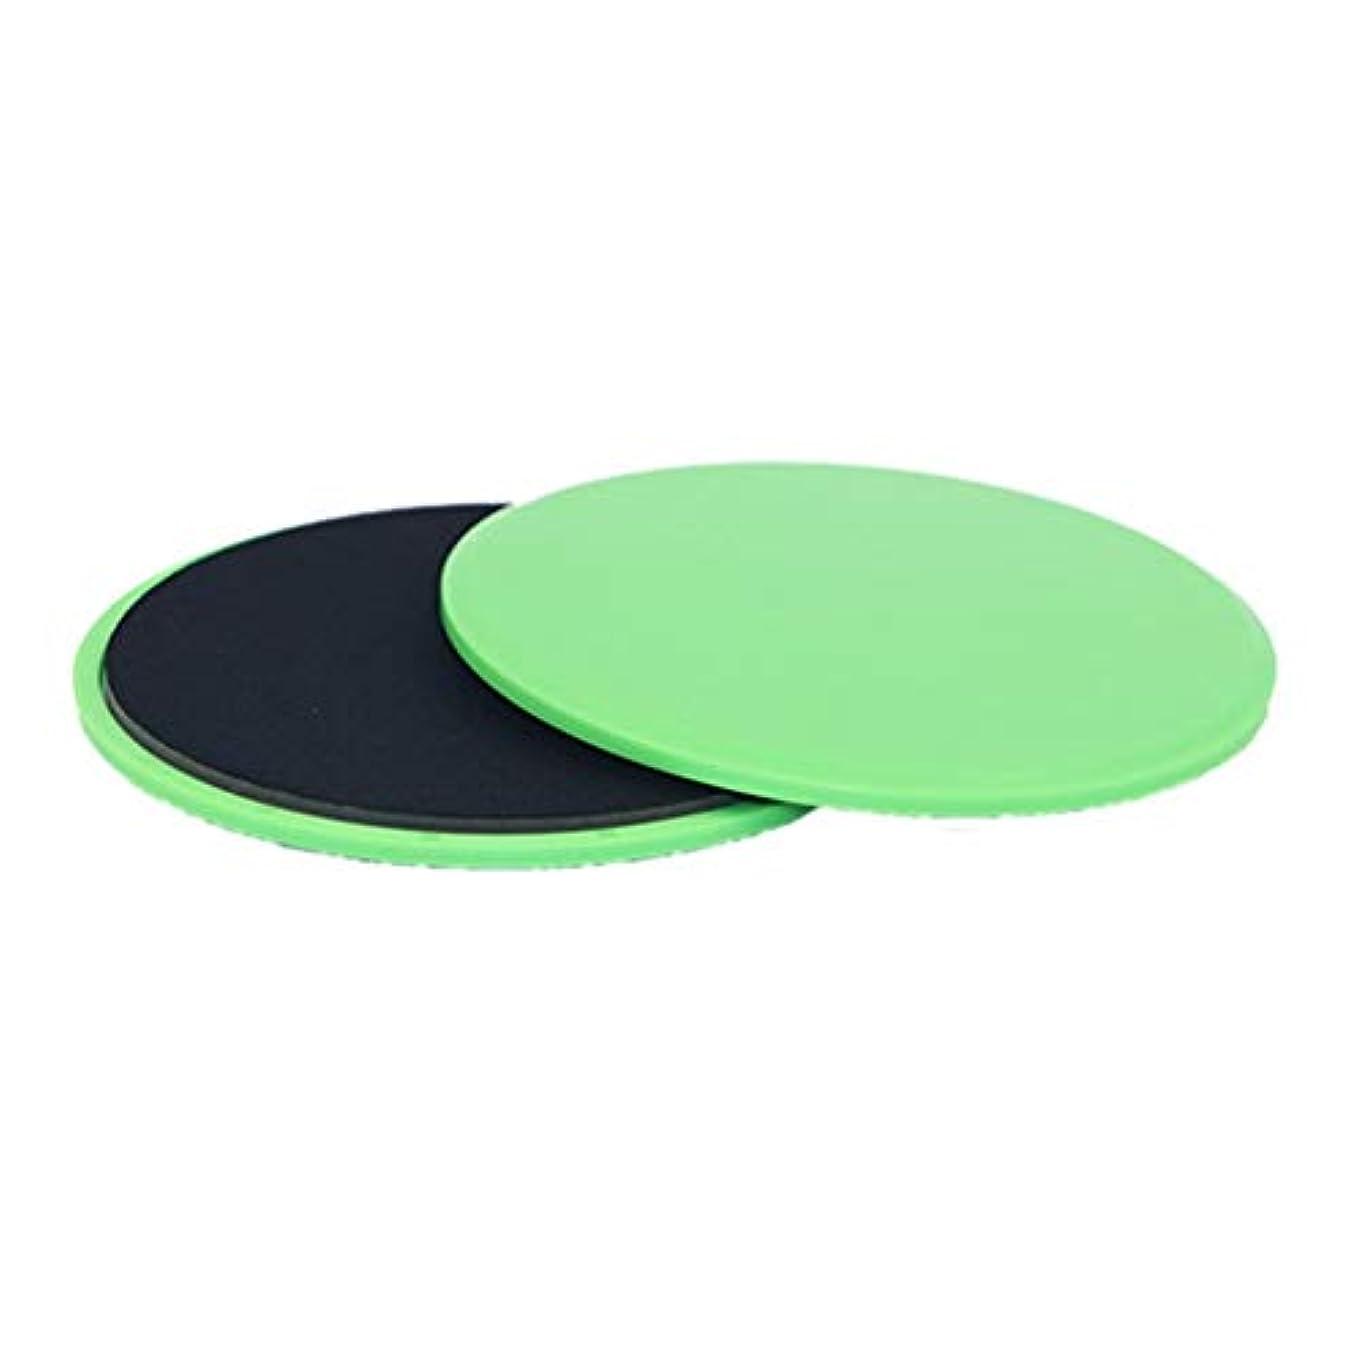 叱る箱ゆでるフィットネススライドグライディングディスクコーディネーション能力フィットネスエクササイズスライダーコアトレーニング用腹部と全身トレーニング - グリーン